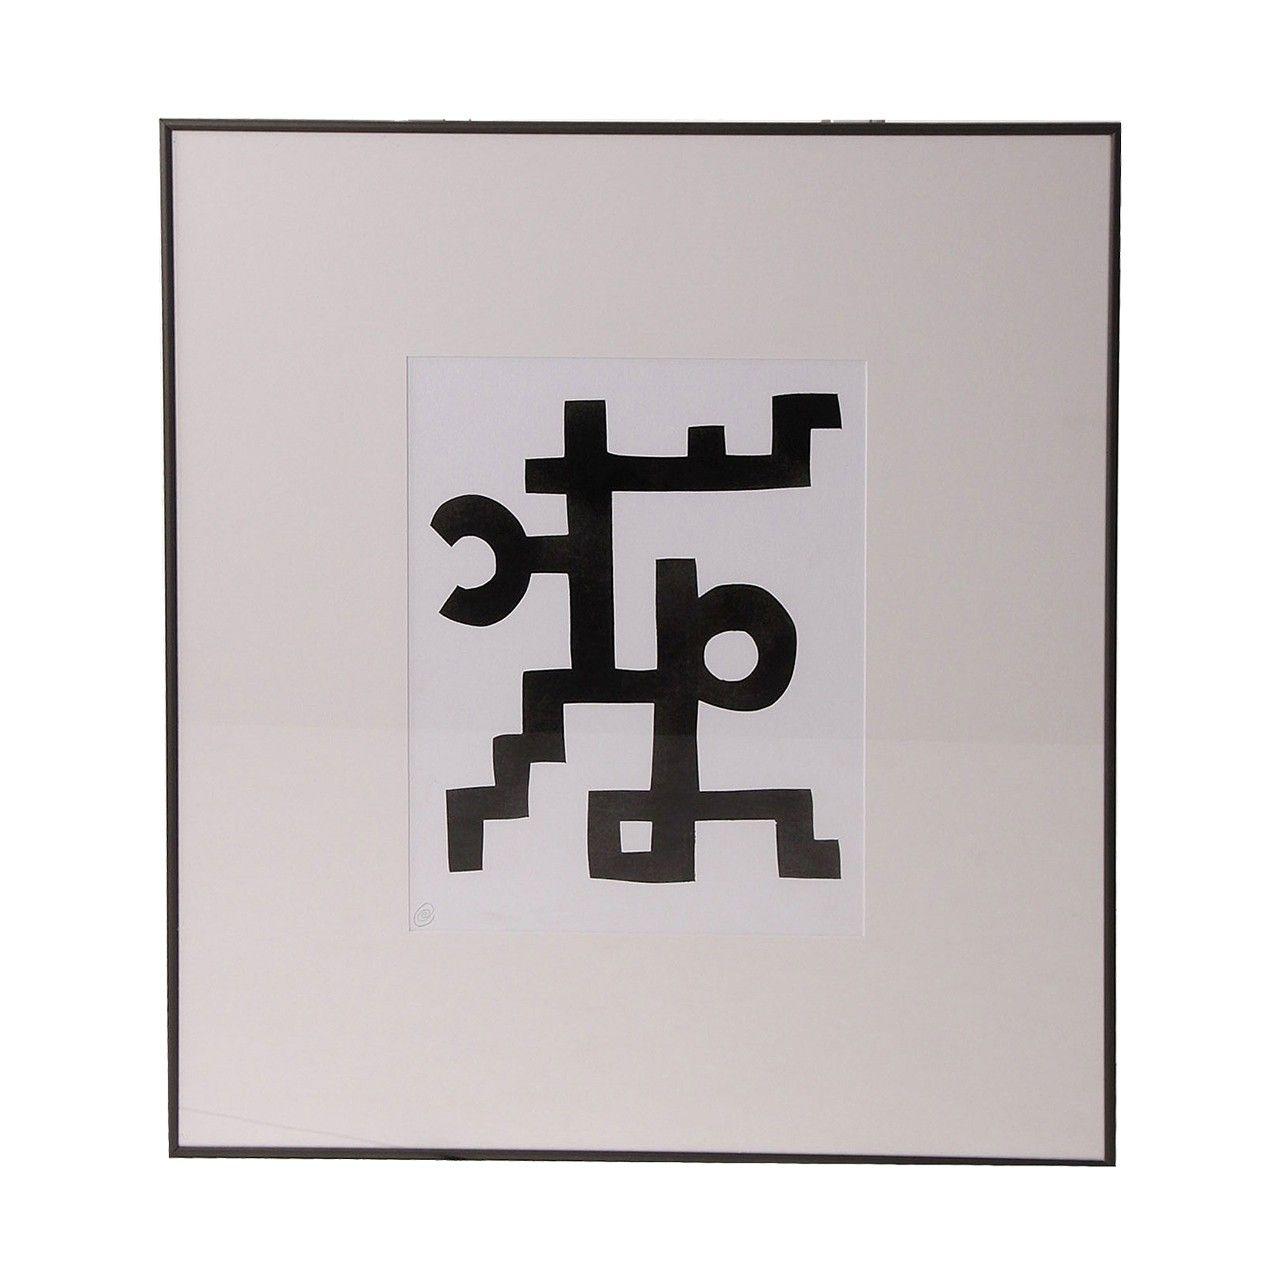 Cuadro lienzo abstracto con l neas gruesas negras for Cuadros y lienzos baratos